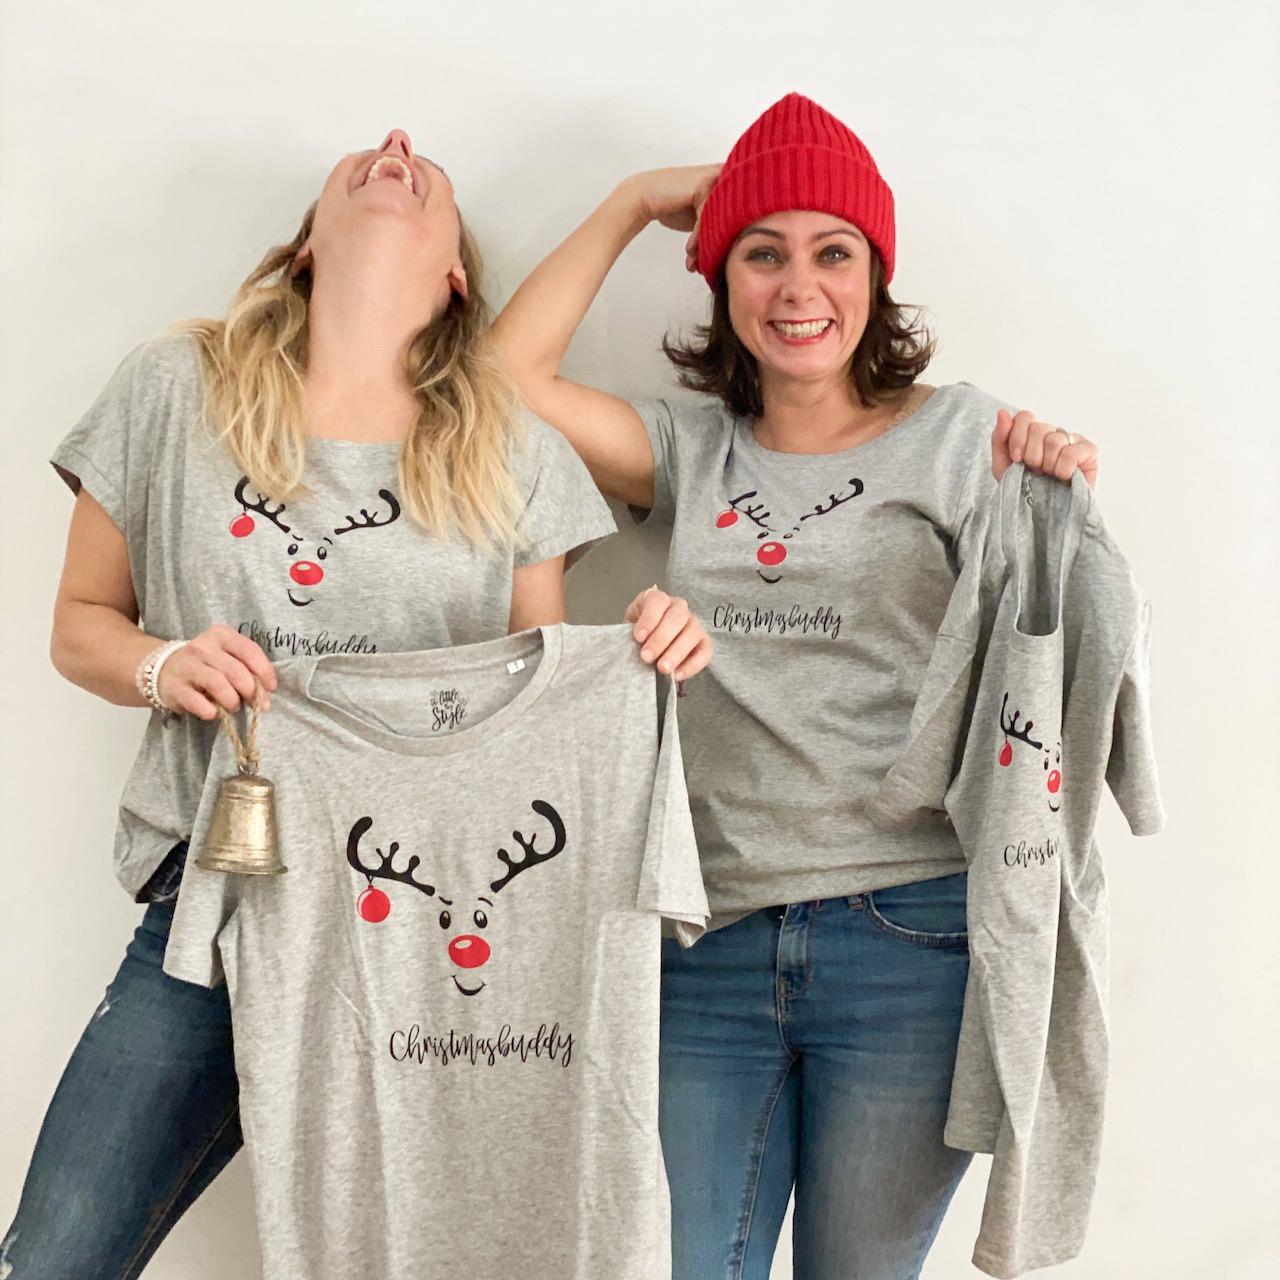 Auf der Bucketlist für Weihnachten: Diese Shirts von The Little Big Style sind heuer MUST